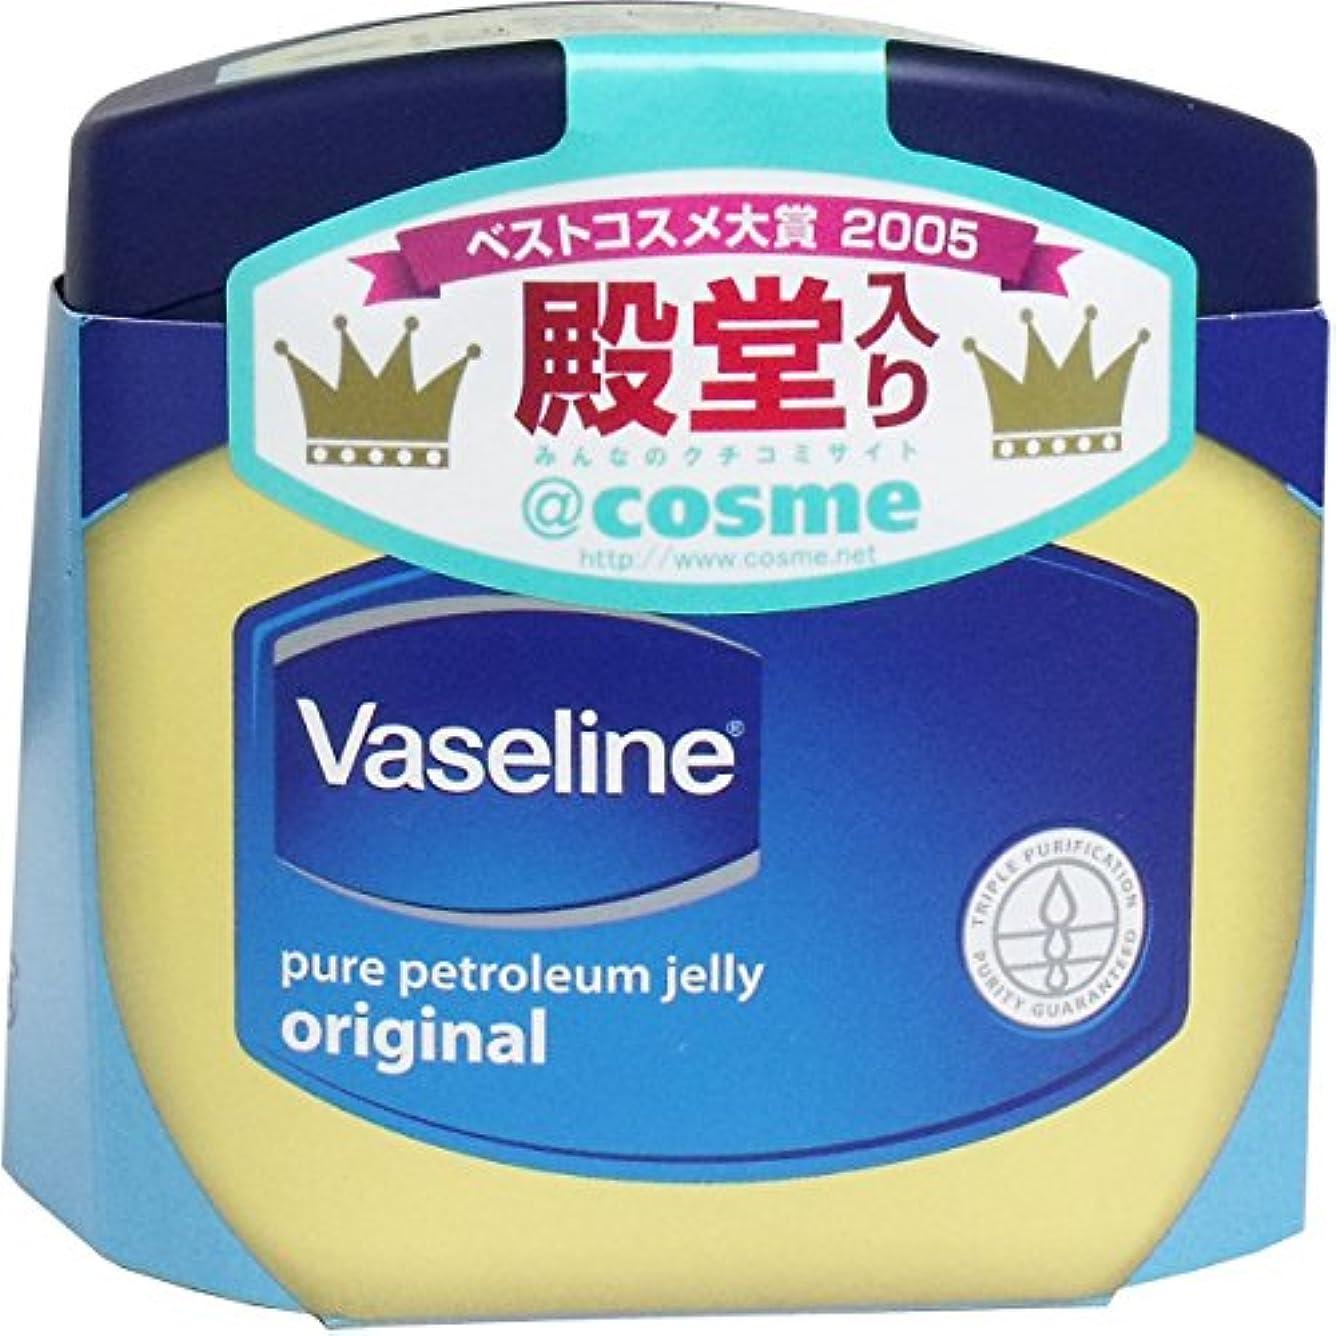 大惨事とらえどころのないペグ【Vaseline】ヴァセリン ピュアスキンジェリー (スキンオイル) 200g ×20個セット